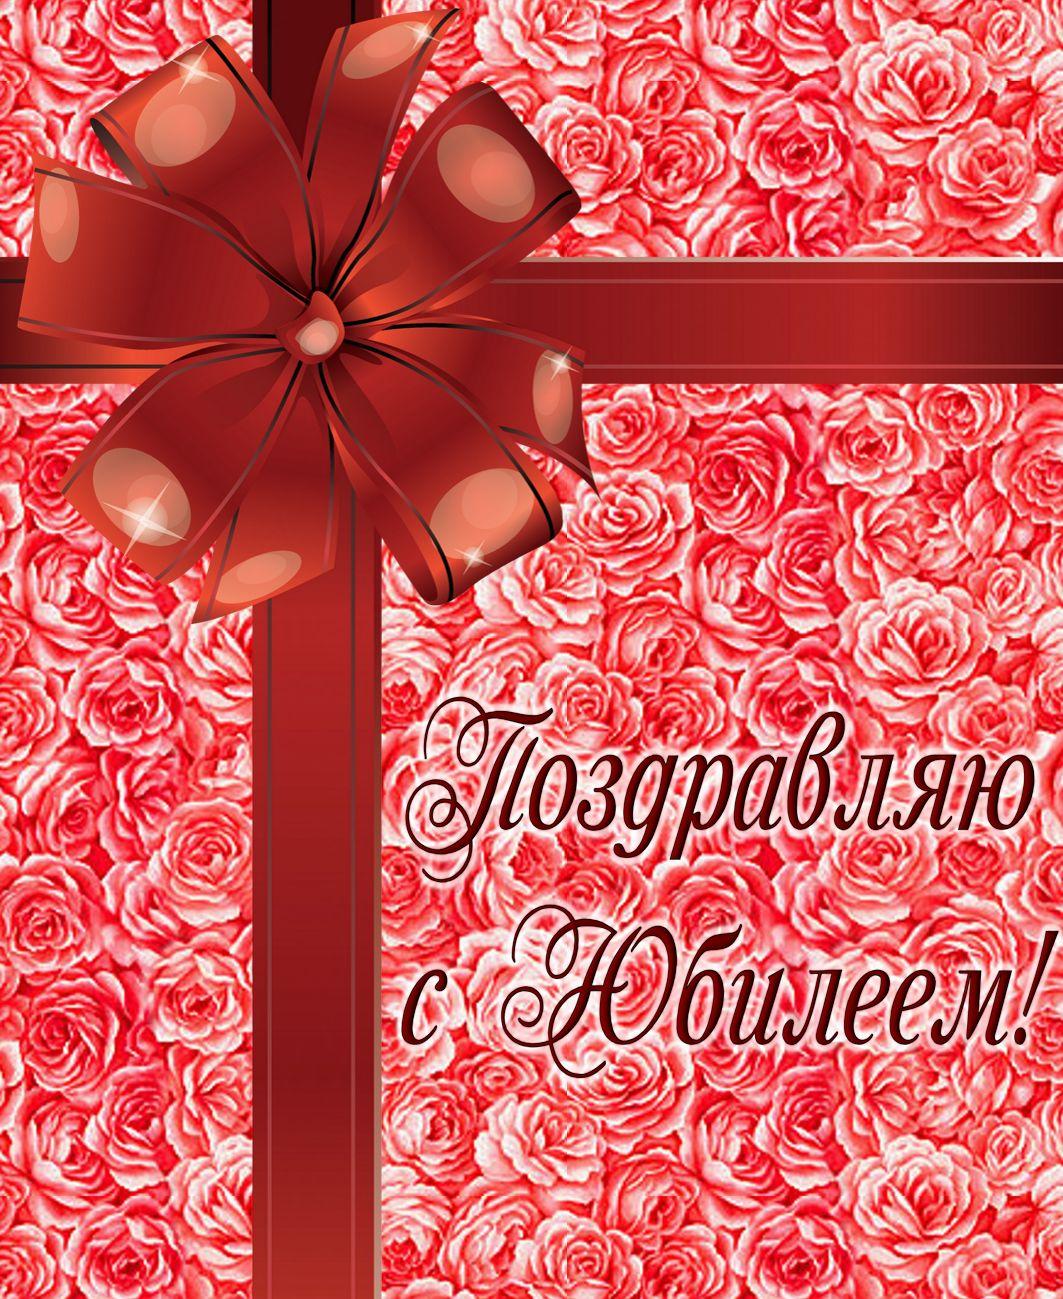 Февраля, открытки с днем рождения женщине людмиле на юбилей 50